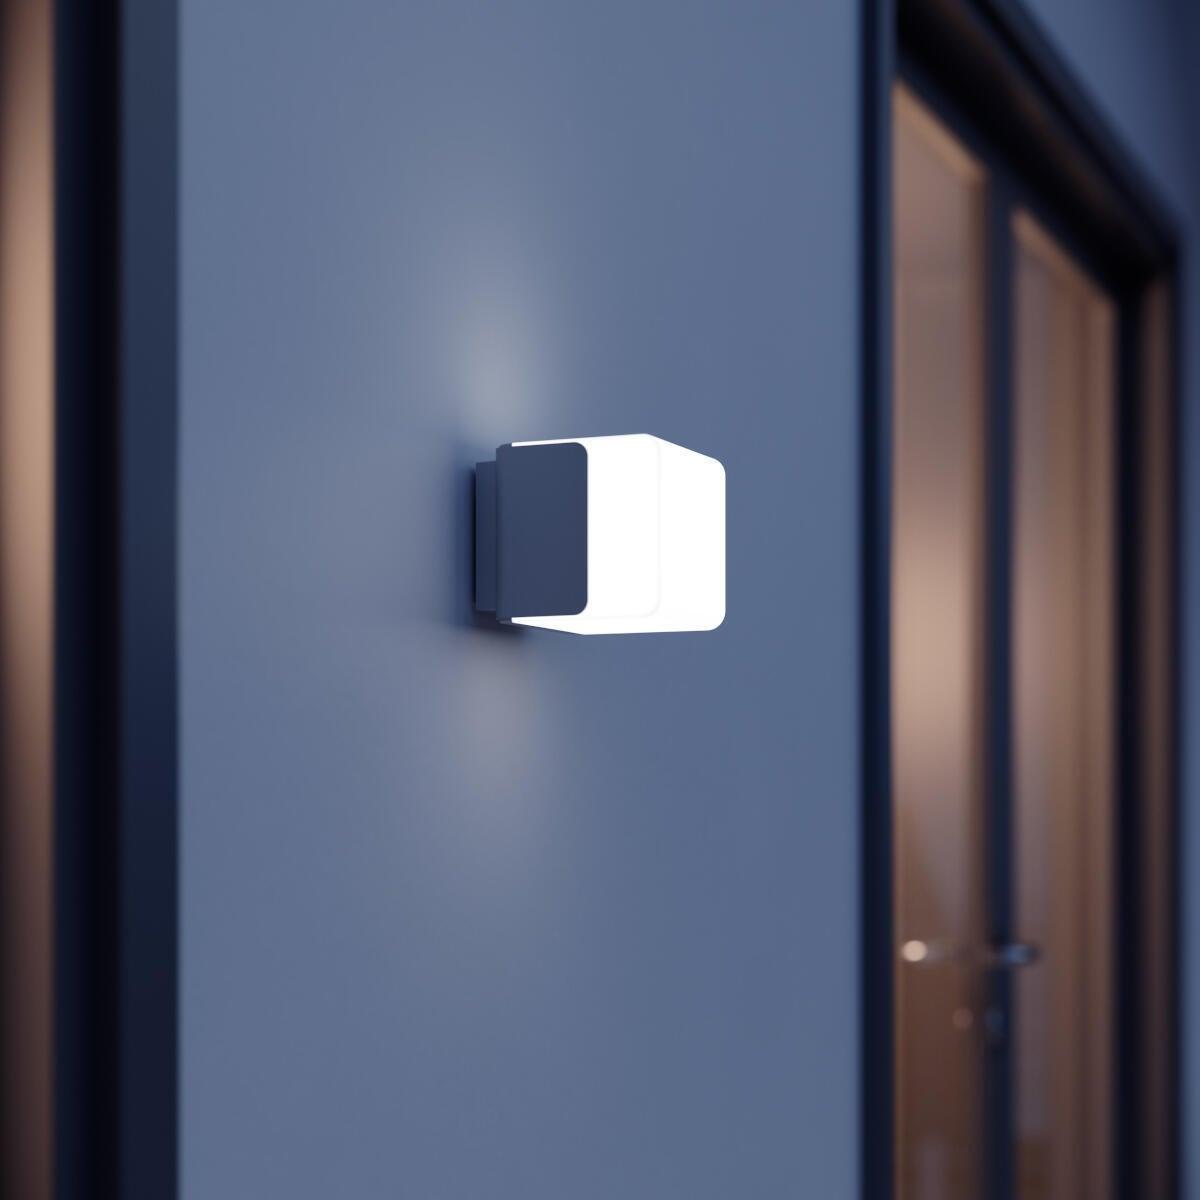 Applique L 835 LED integrato con sensore di movimento, grigio, 9.5W 586LM IP44 STEINEL - 4